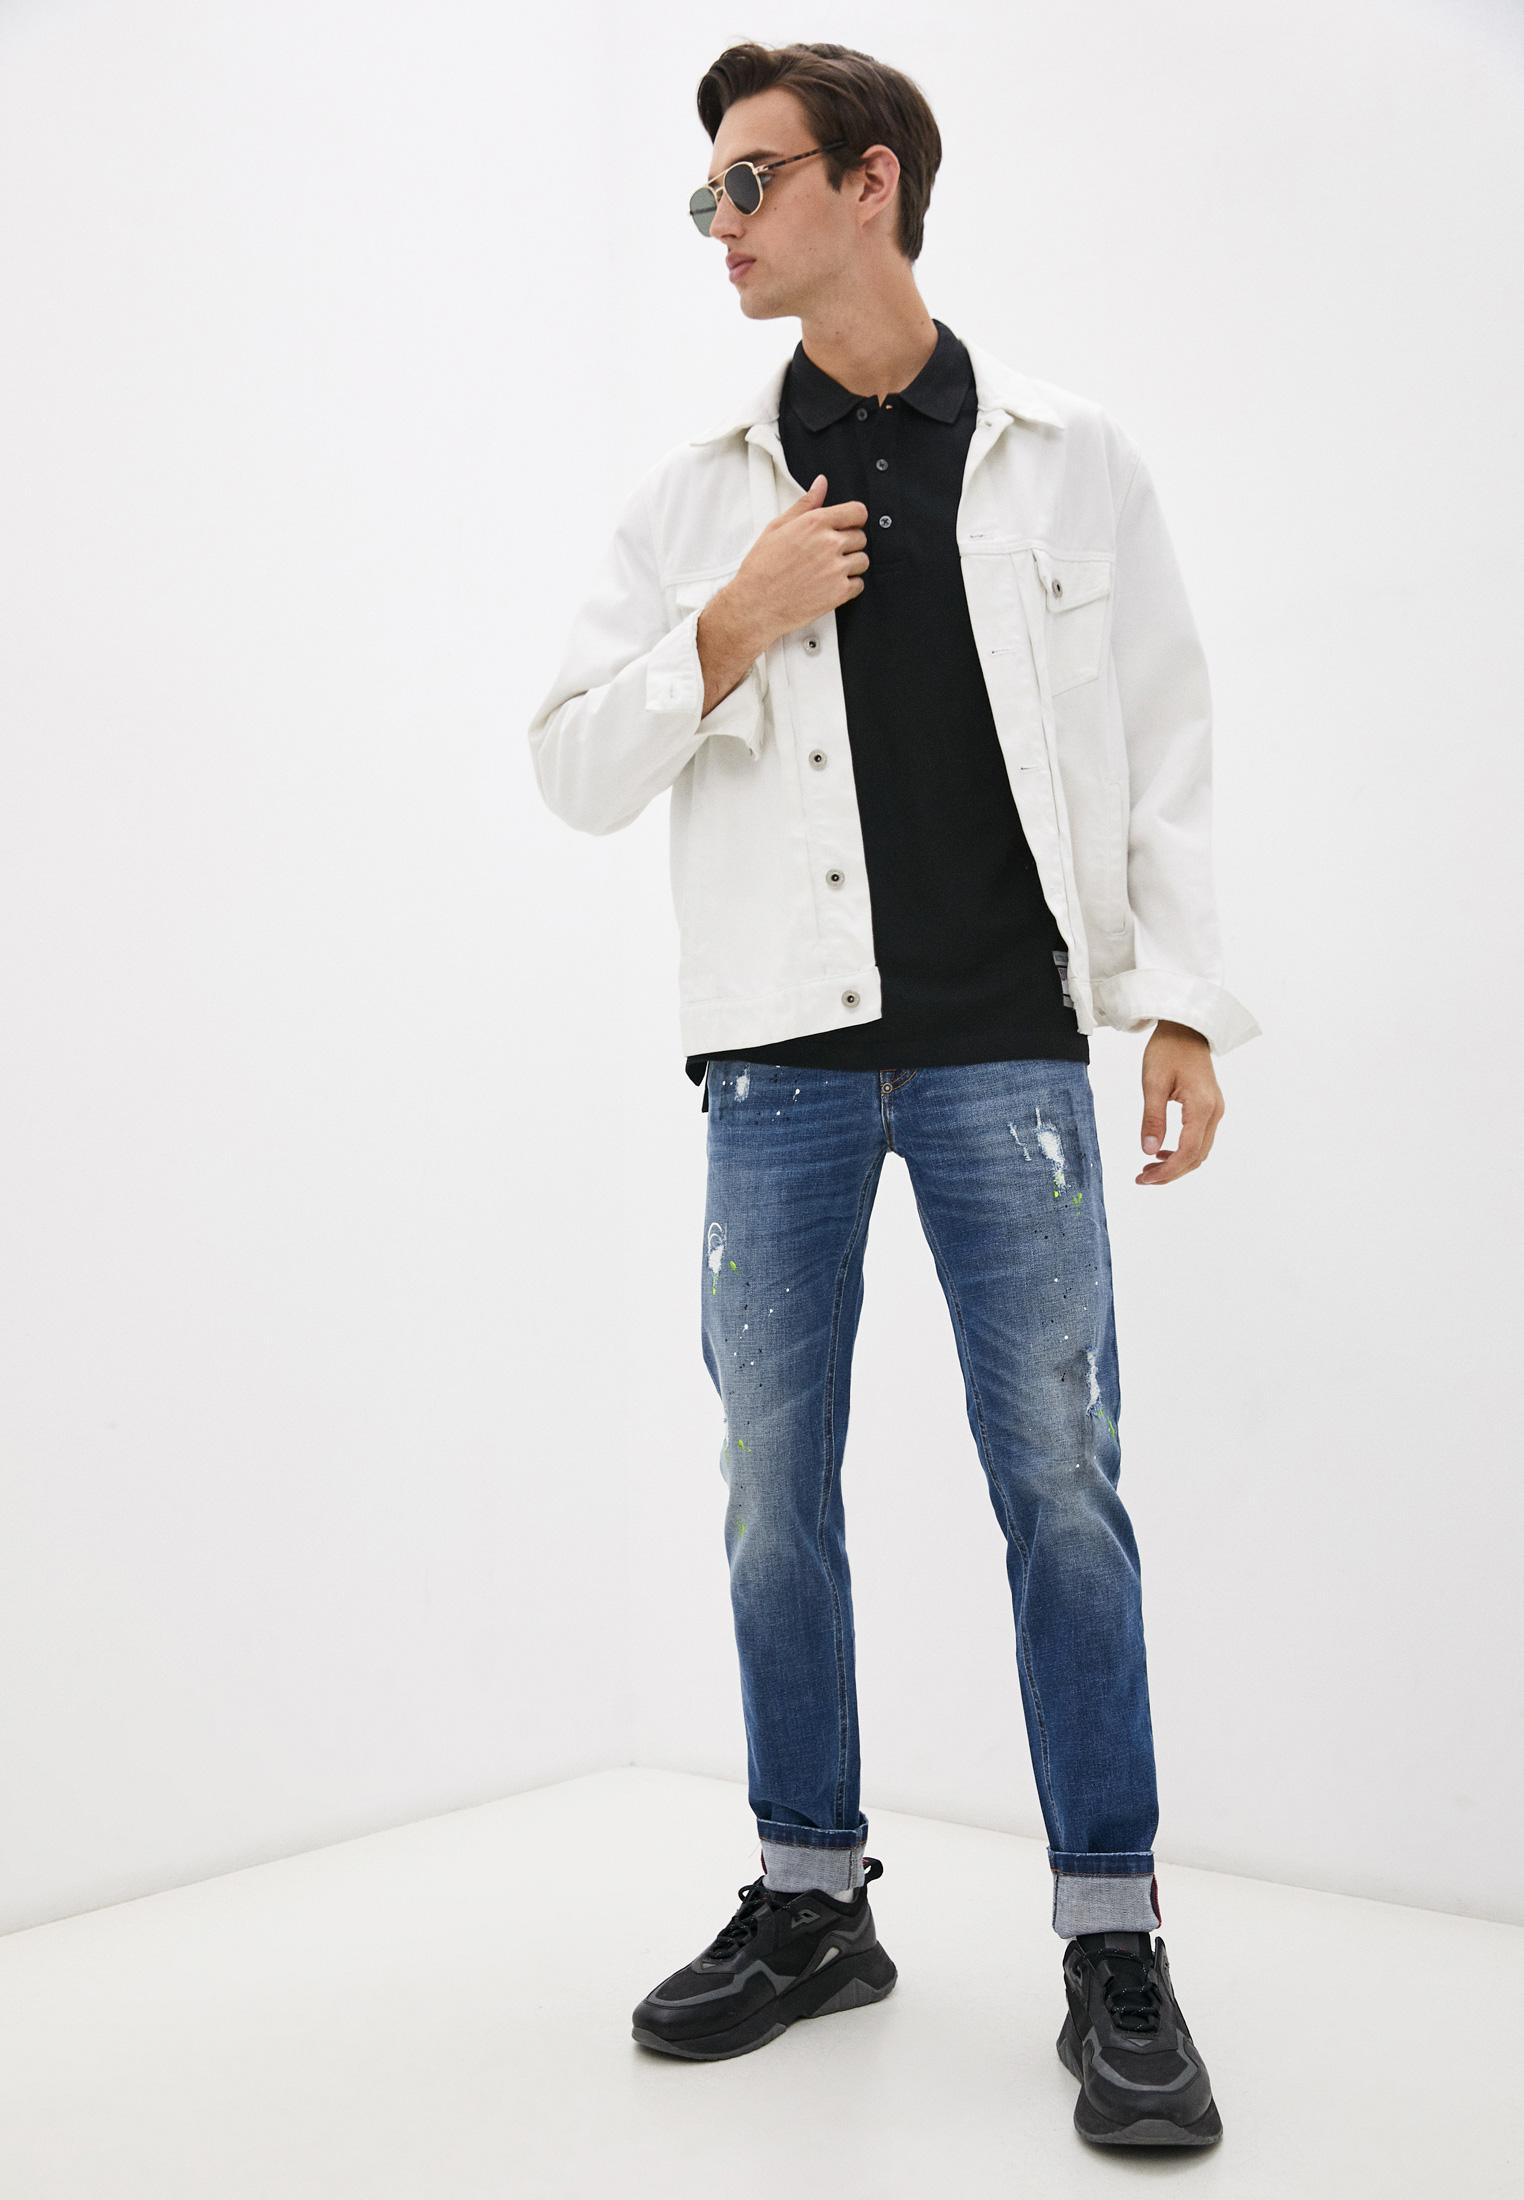 Мужские зауженные джинсы Bikkembergs (Биккембергс) C Q 101 09 S 3182: изображение 3